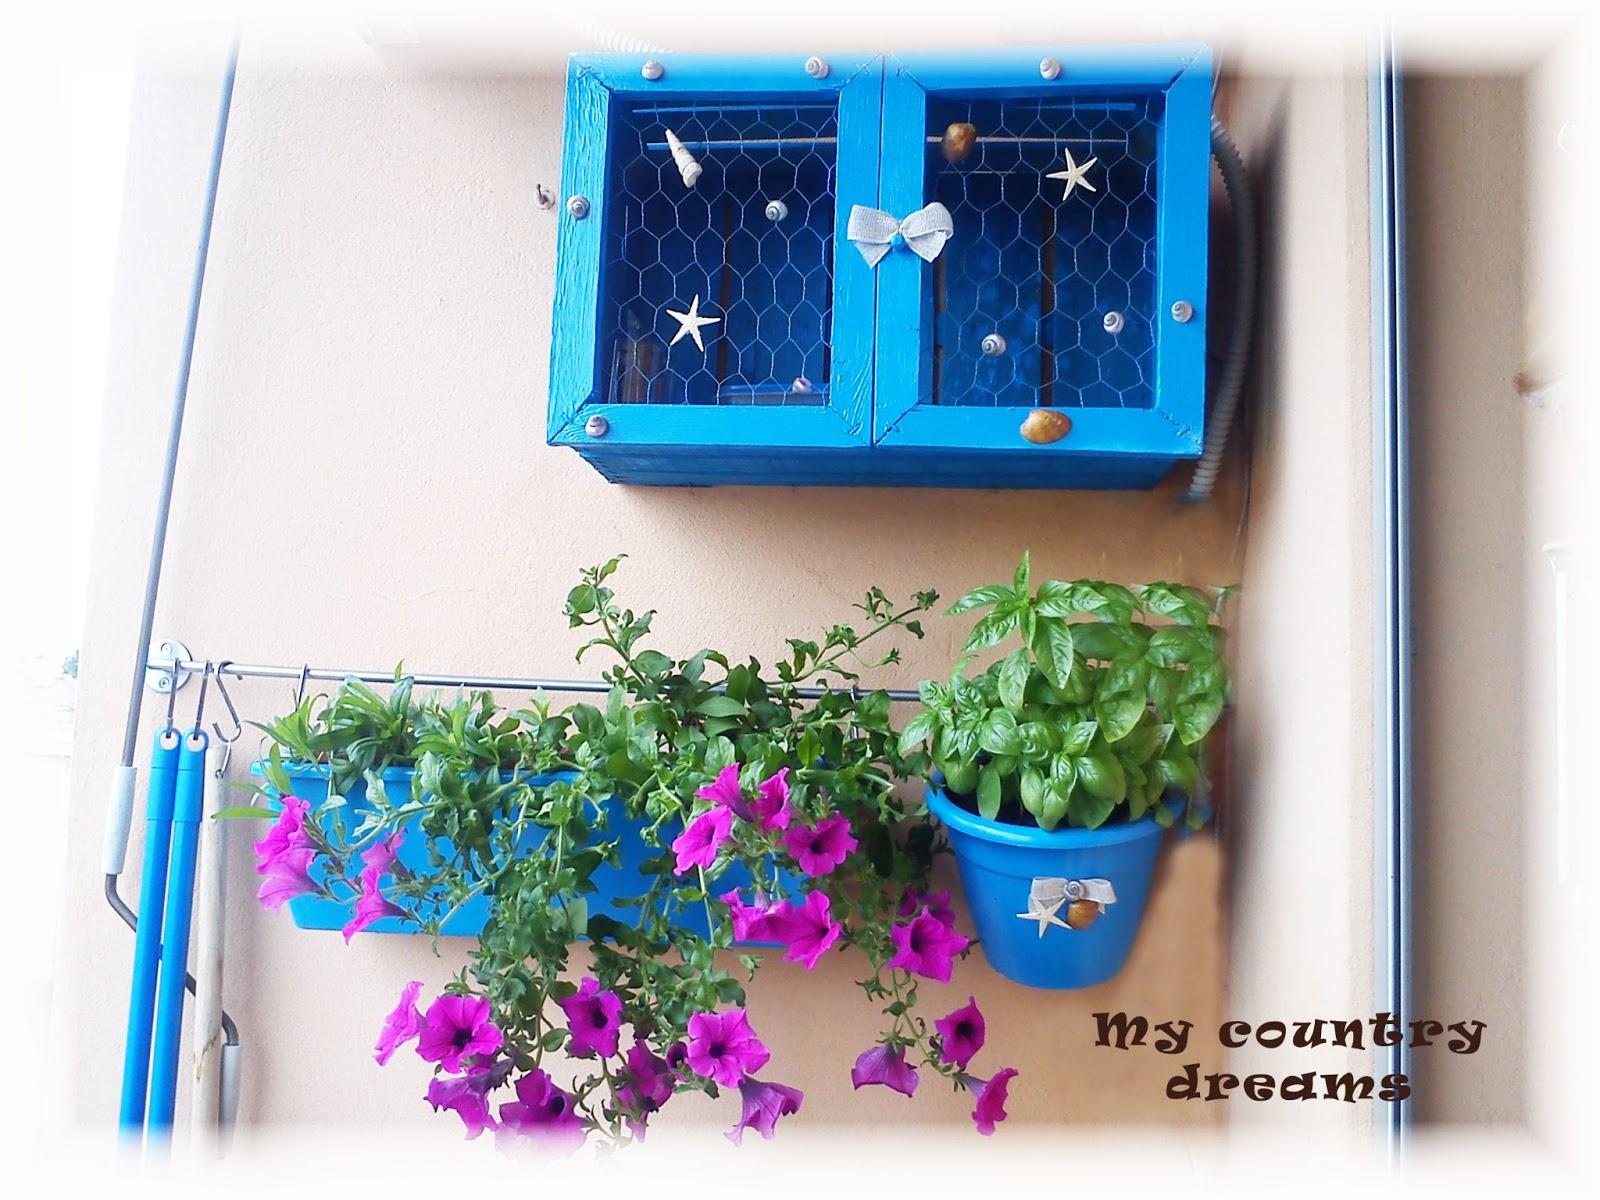 Un cuore country giardino verticale in balcone for Giardino verticale balcone